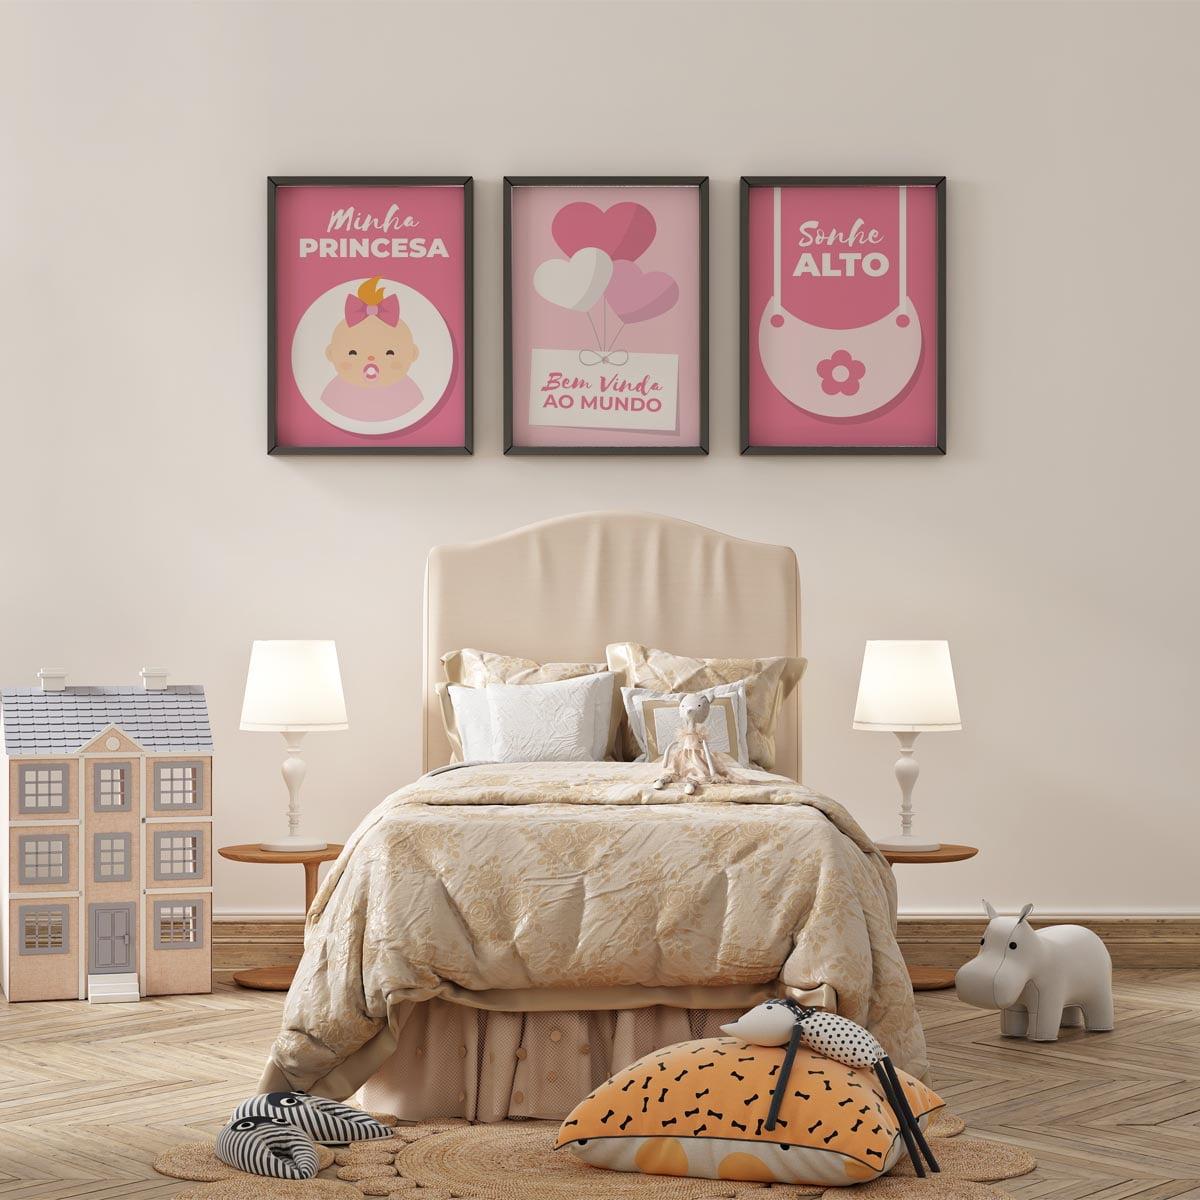 Conjunto De Quadros Decorativos Bem Vindo ao Mundo Minha Princesa Infantil Menina